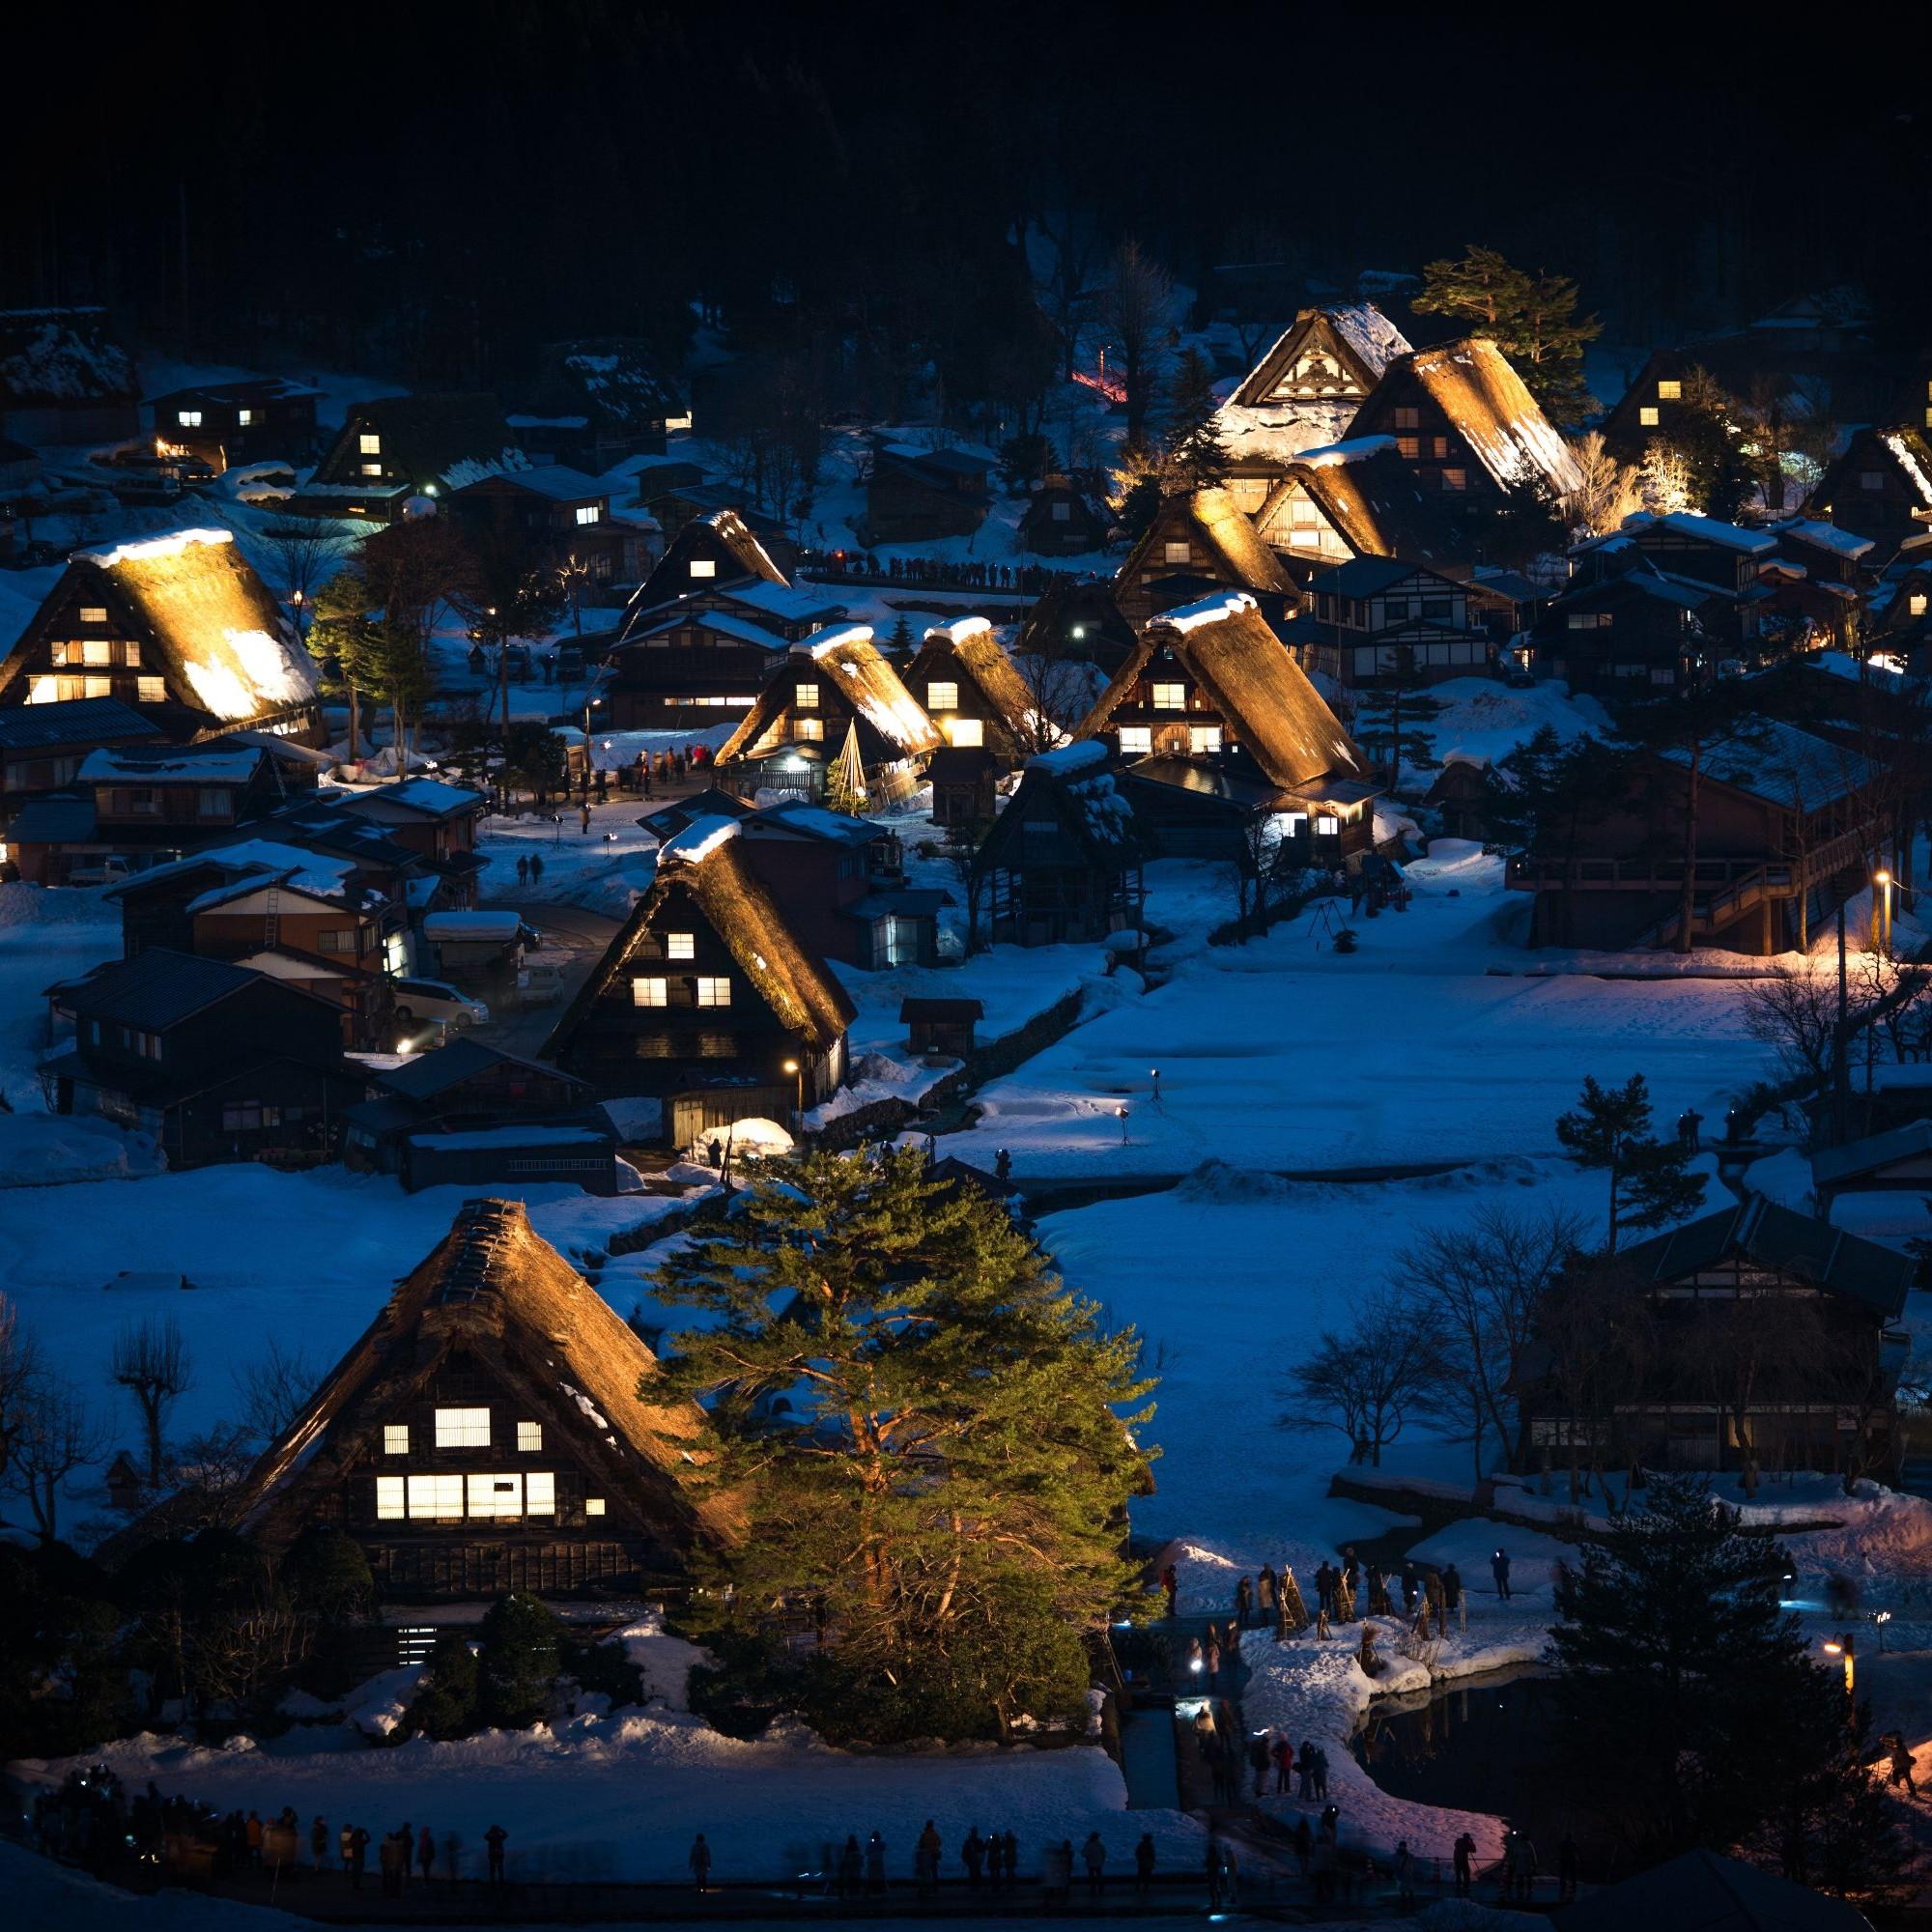 Das japanische Bergdorf während des Winters.